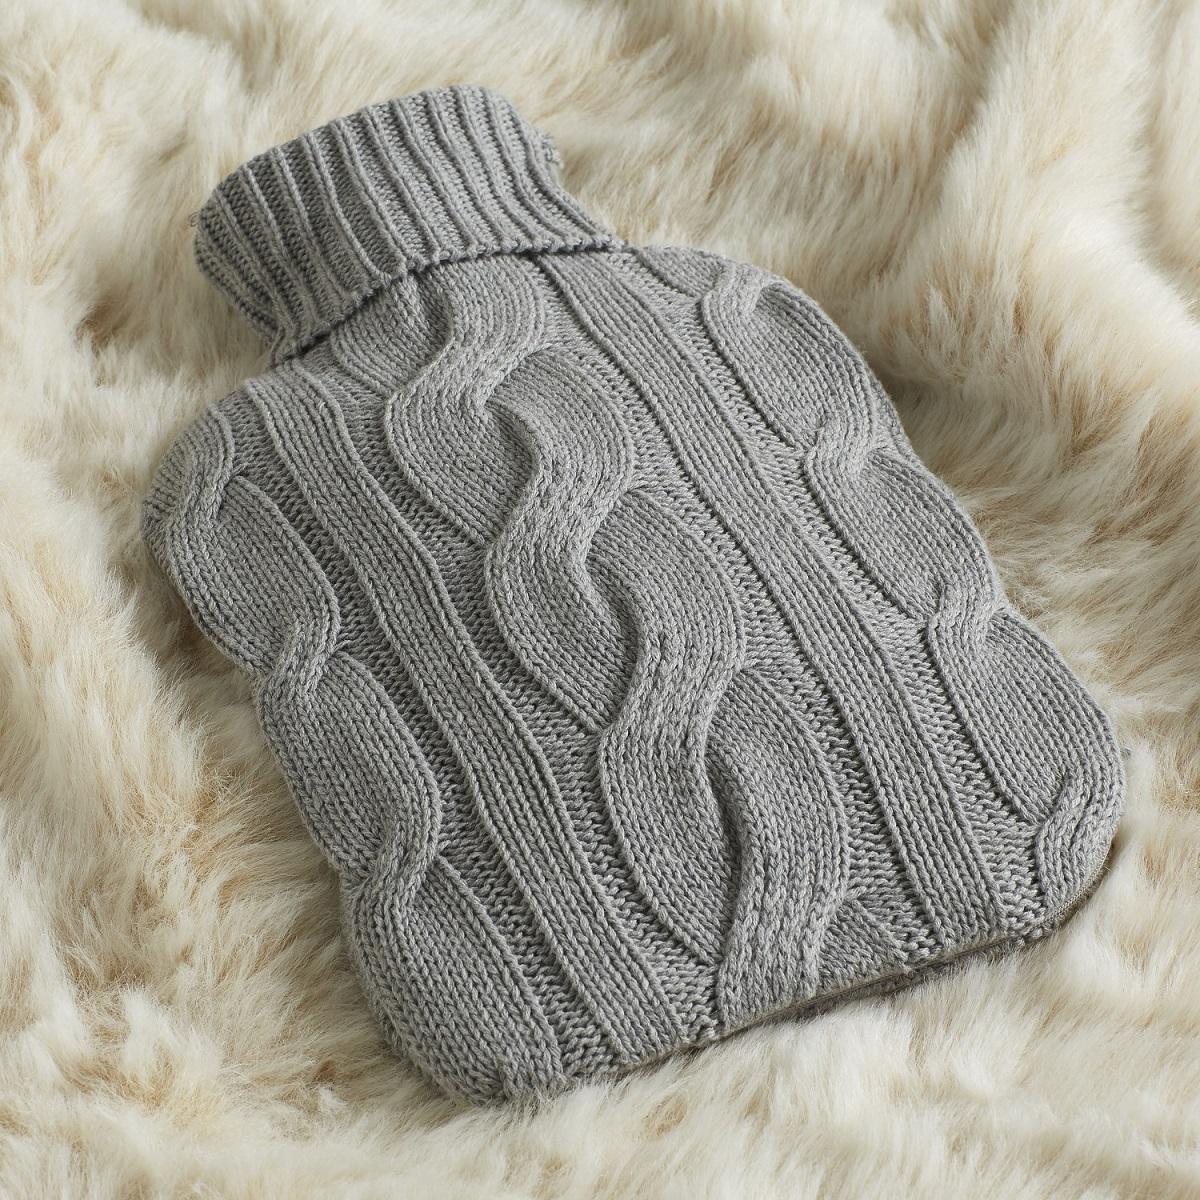 Hot_water_bottle_grey1-1500__1.jpg